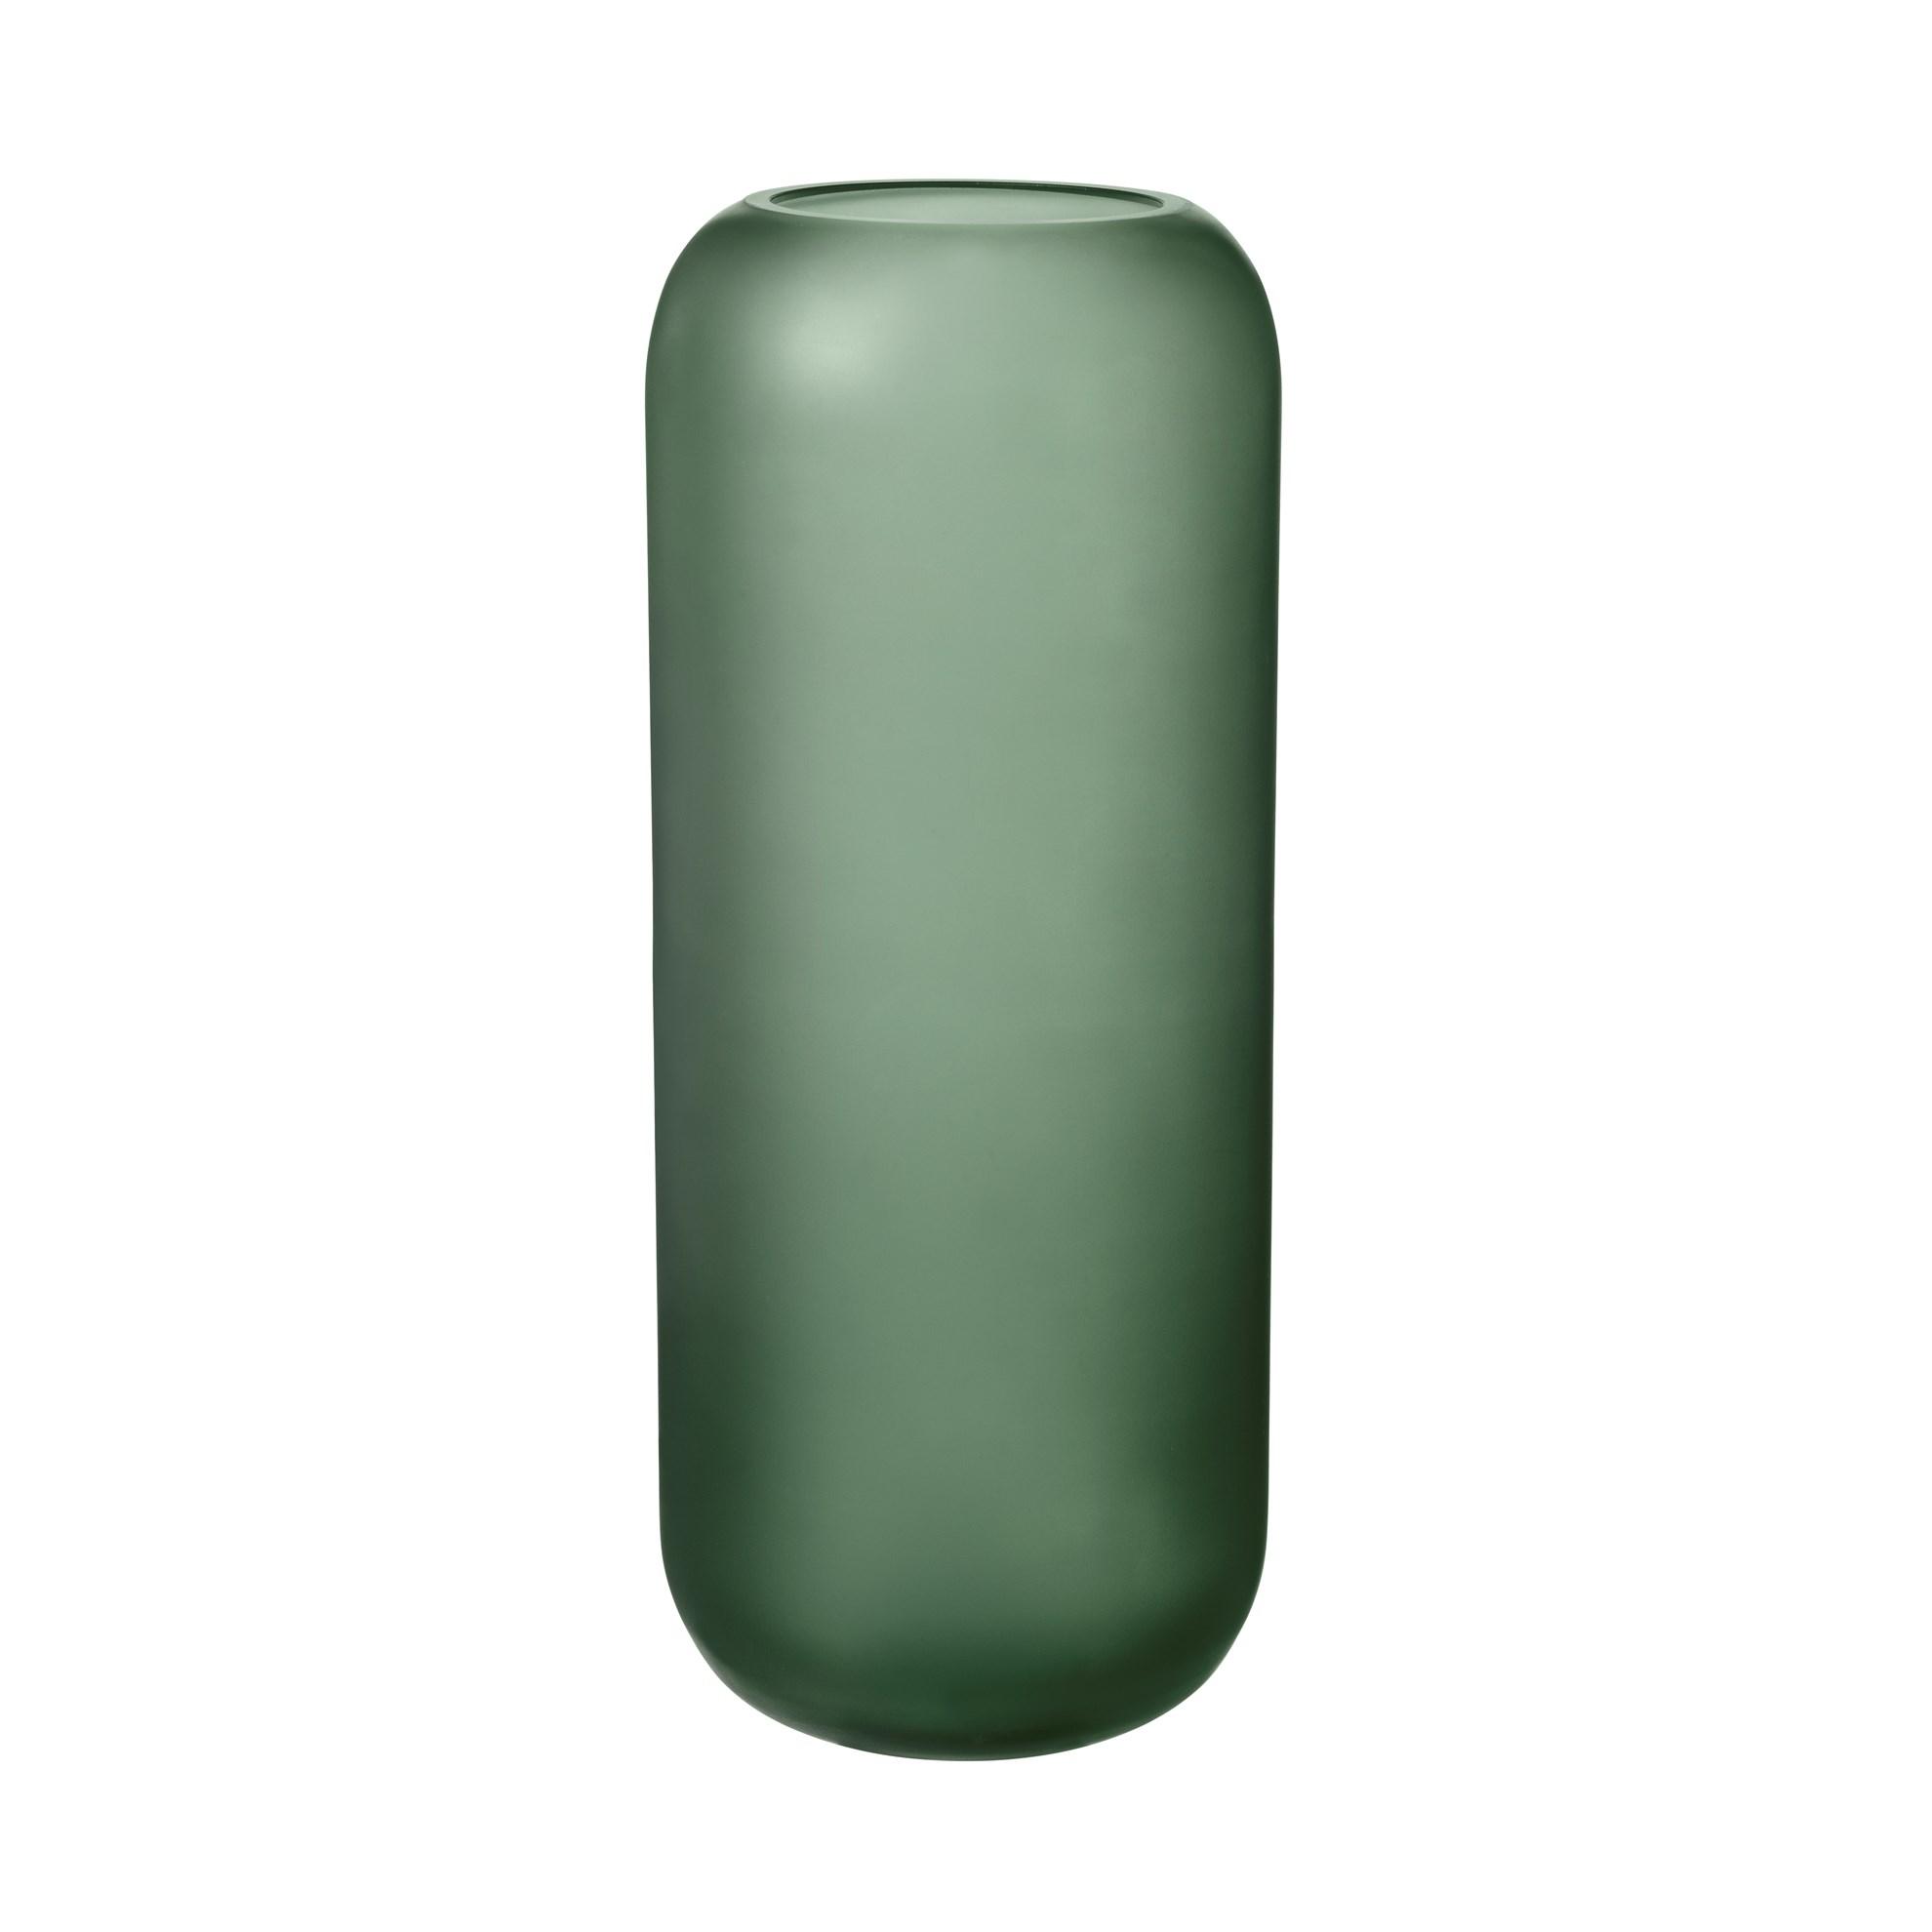 Skleněná váza OVALO 30 cm zelená mat_0